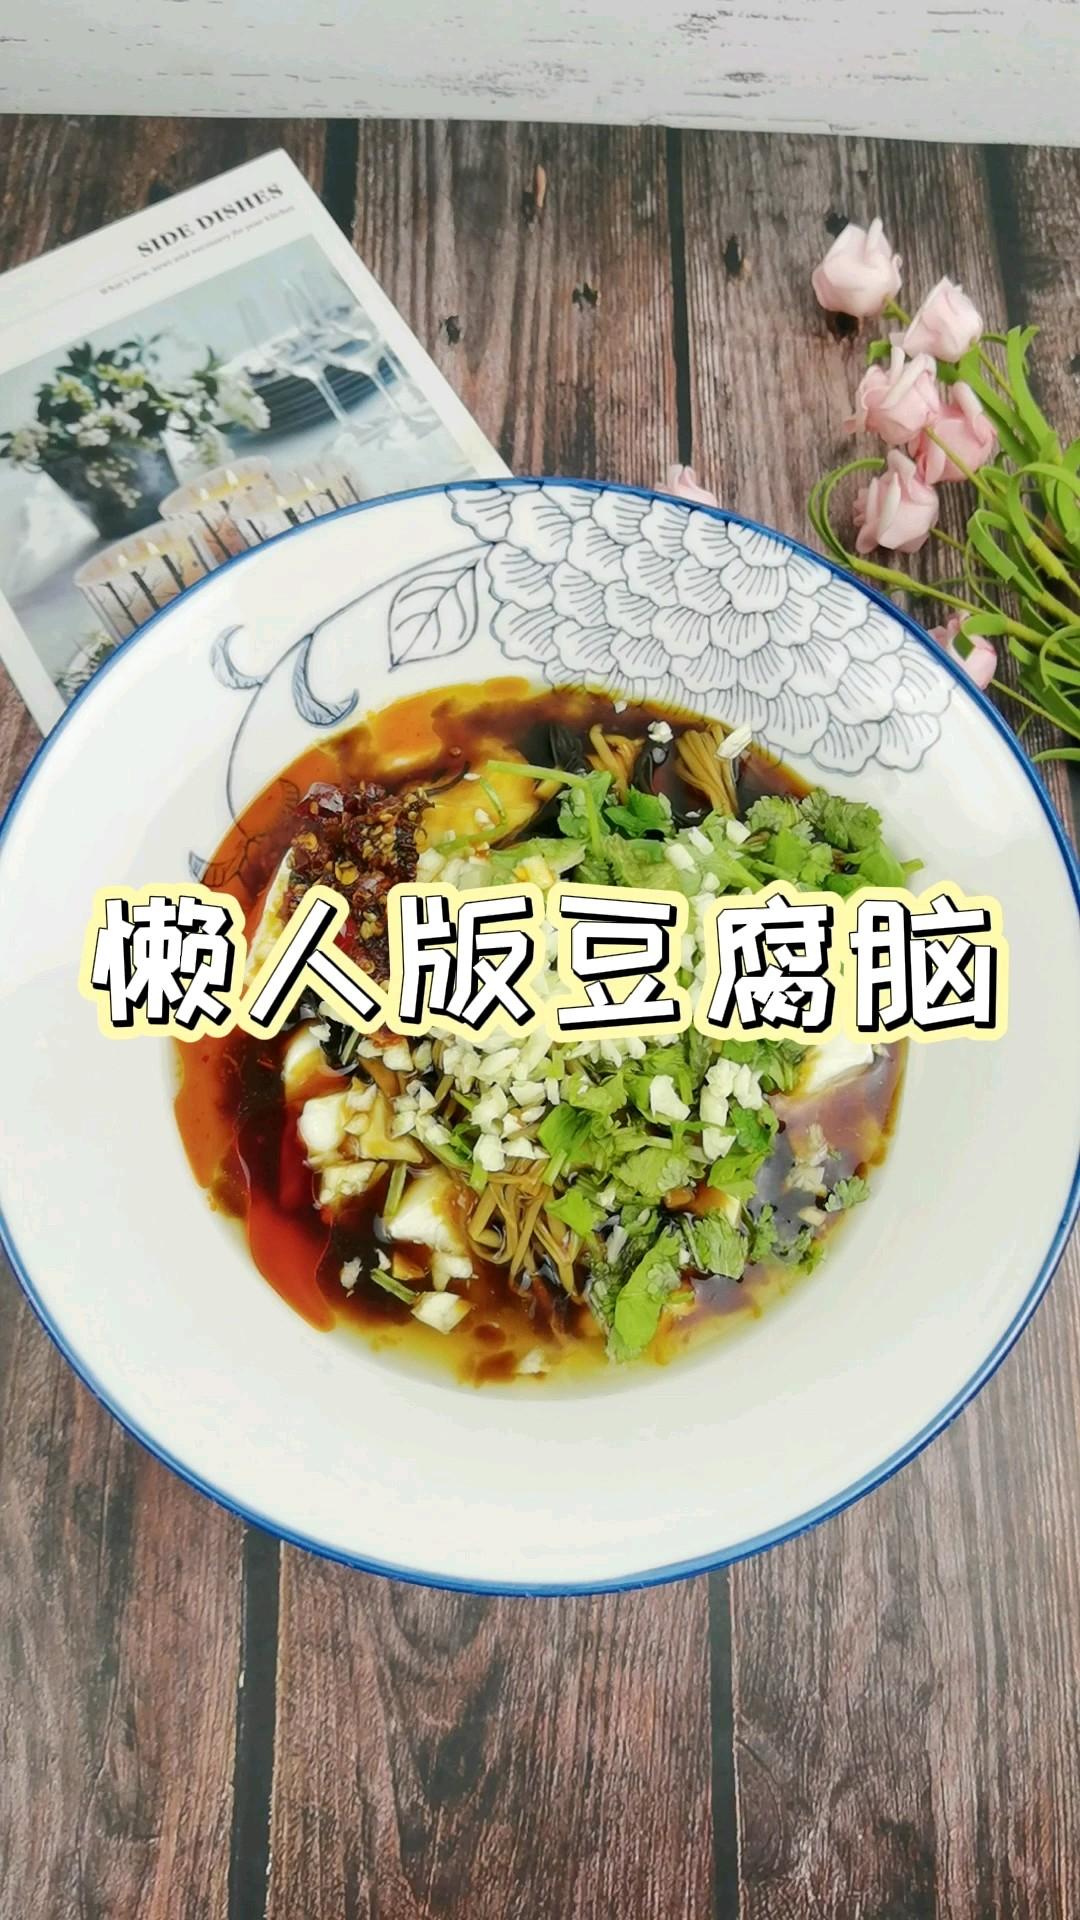 让豆腐怎么做好吃早餐新花样-懒人版豆腐脑,1盒豆腐轻松搞的做法